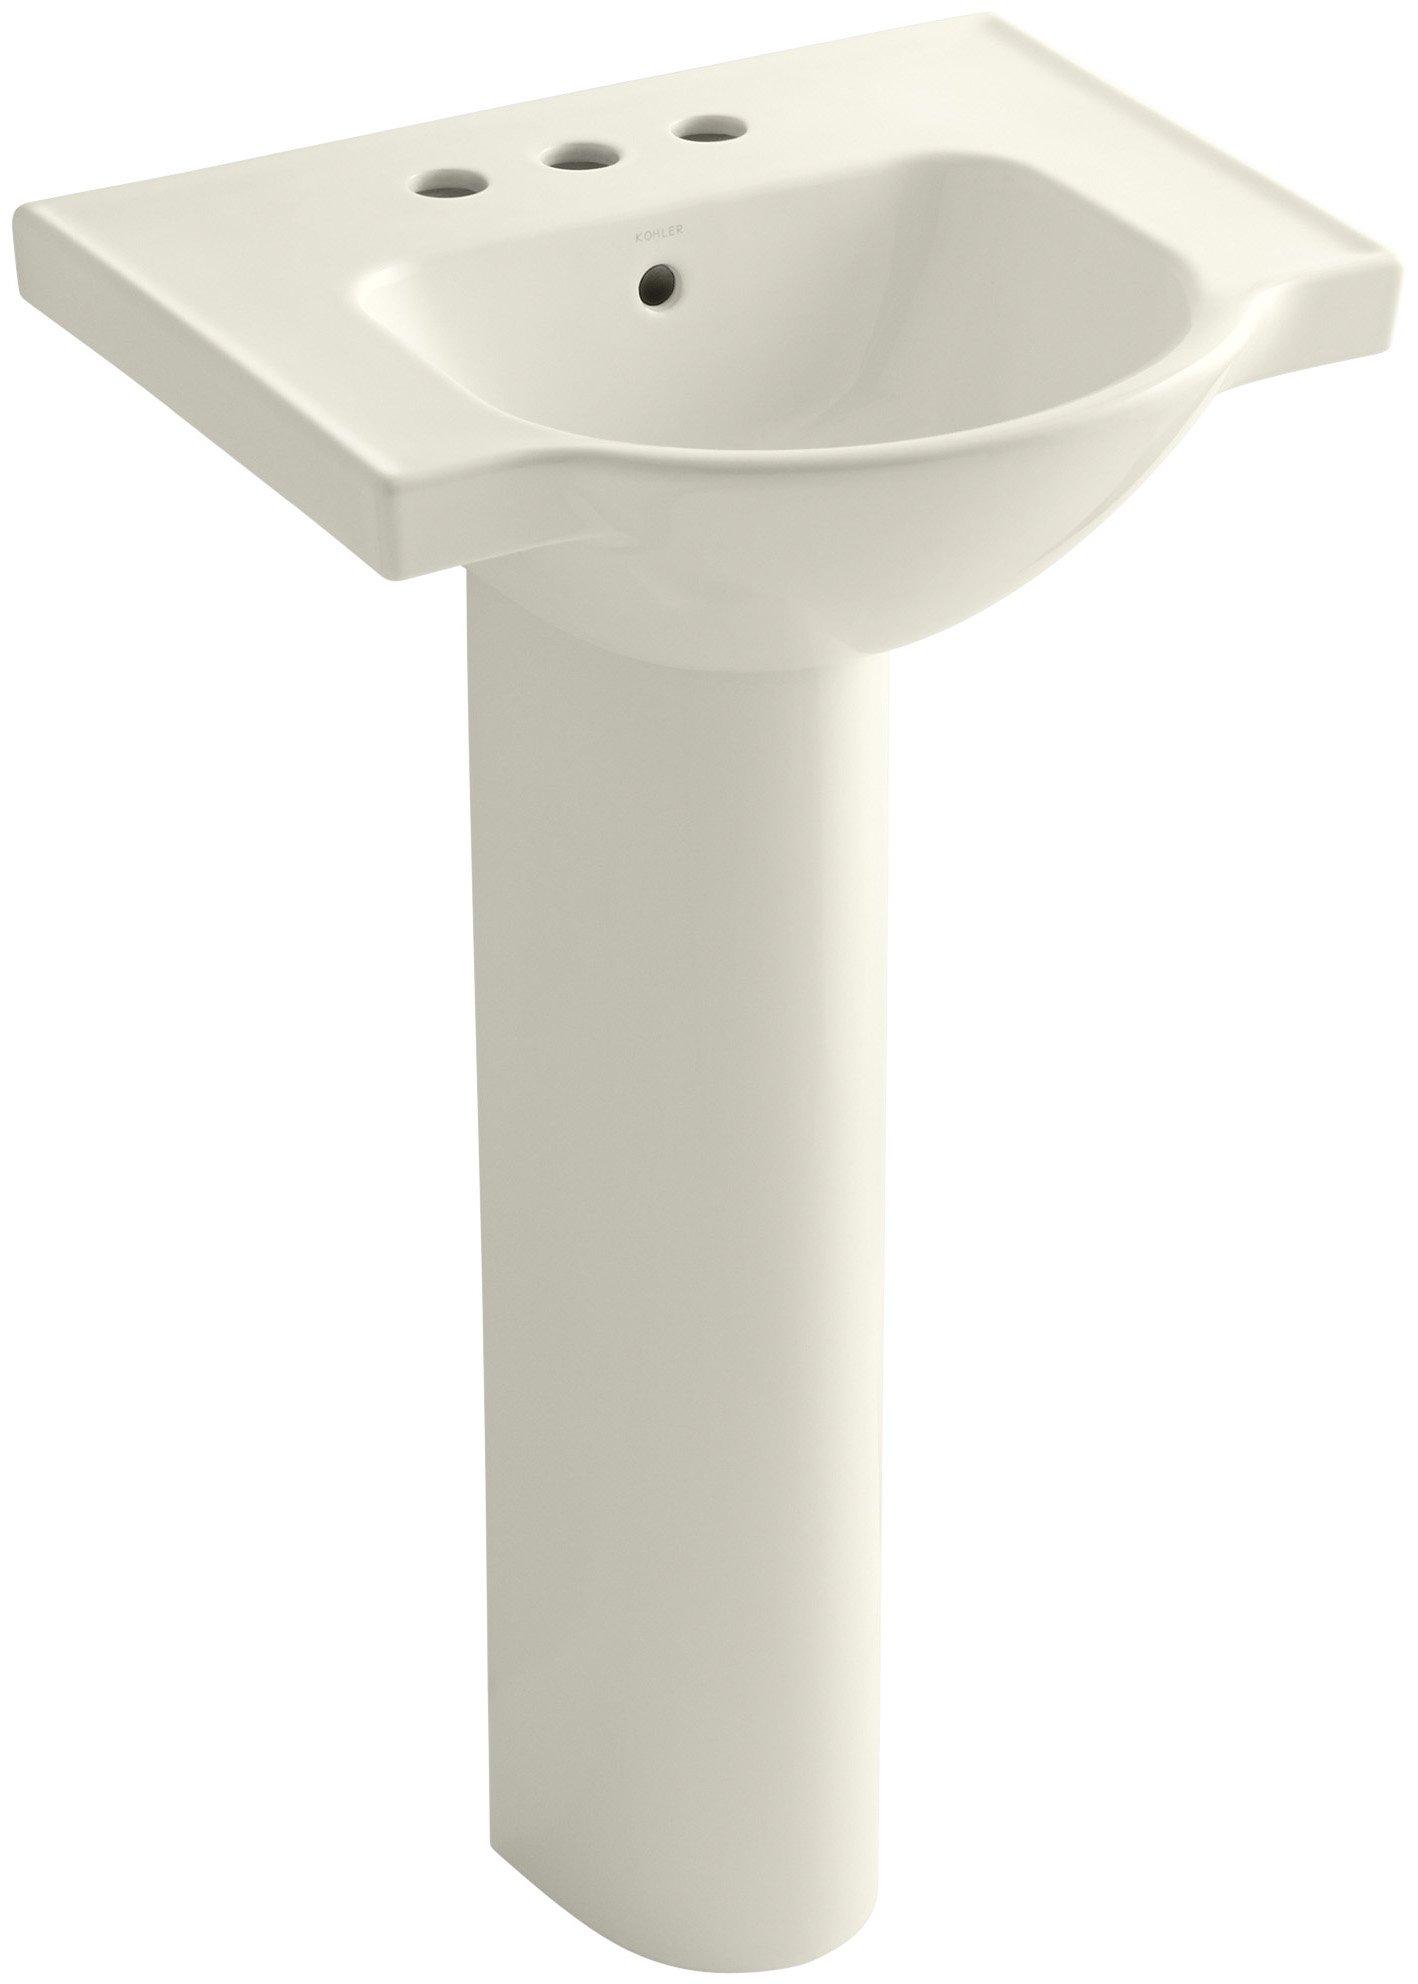 KOHLER K-5265-4-96 Veer Pedestal Bathroom Sink with 4-Inch Centerset Faucet Holes, 21-Inch, Biscuit